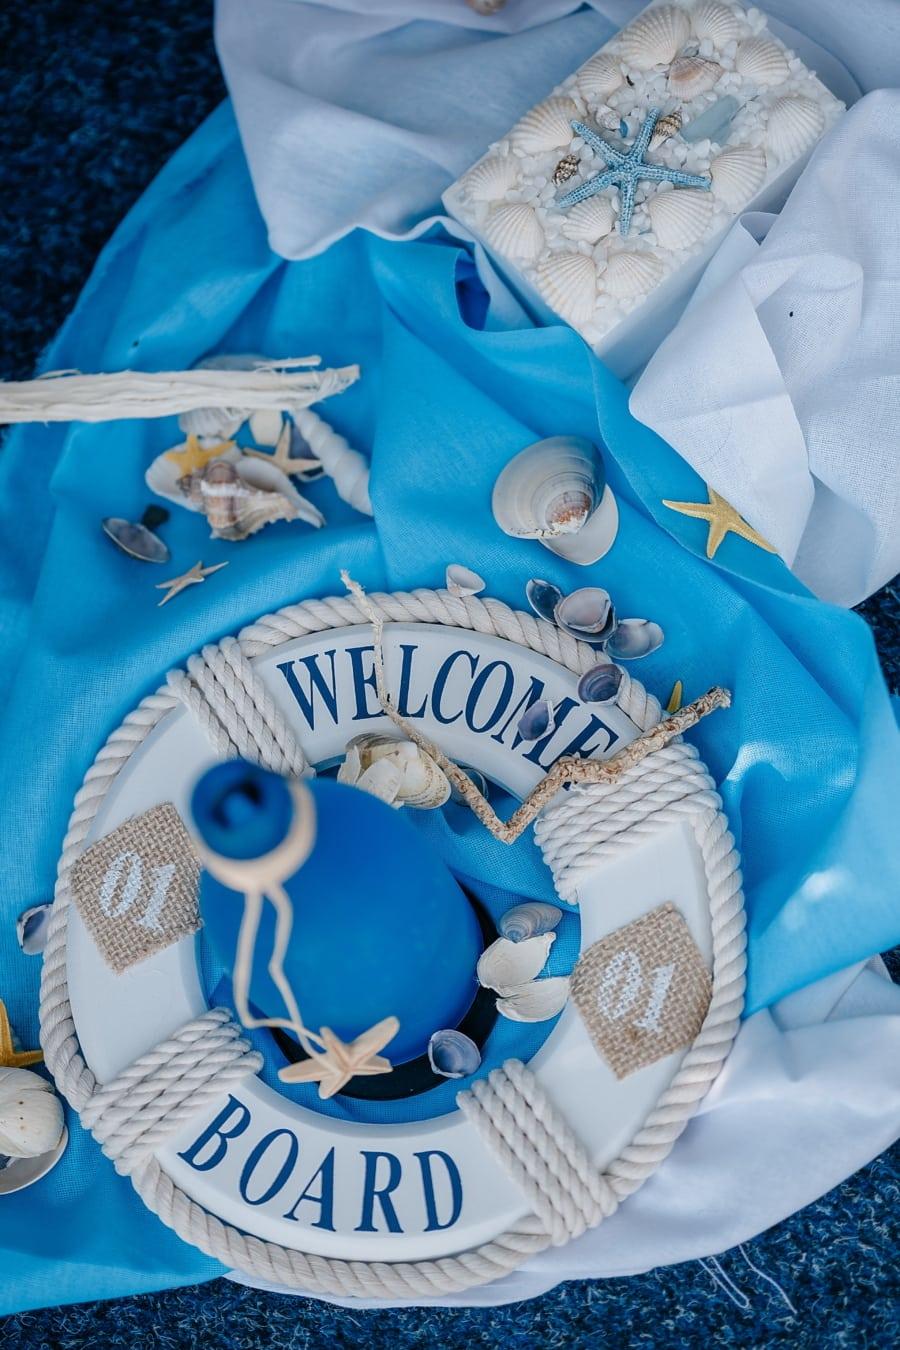 romantique, gilet de sauvetage, coquillage, décoratifs, décoration, amour, traditionnel, romance, Design d'intérieur, thread